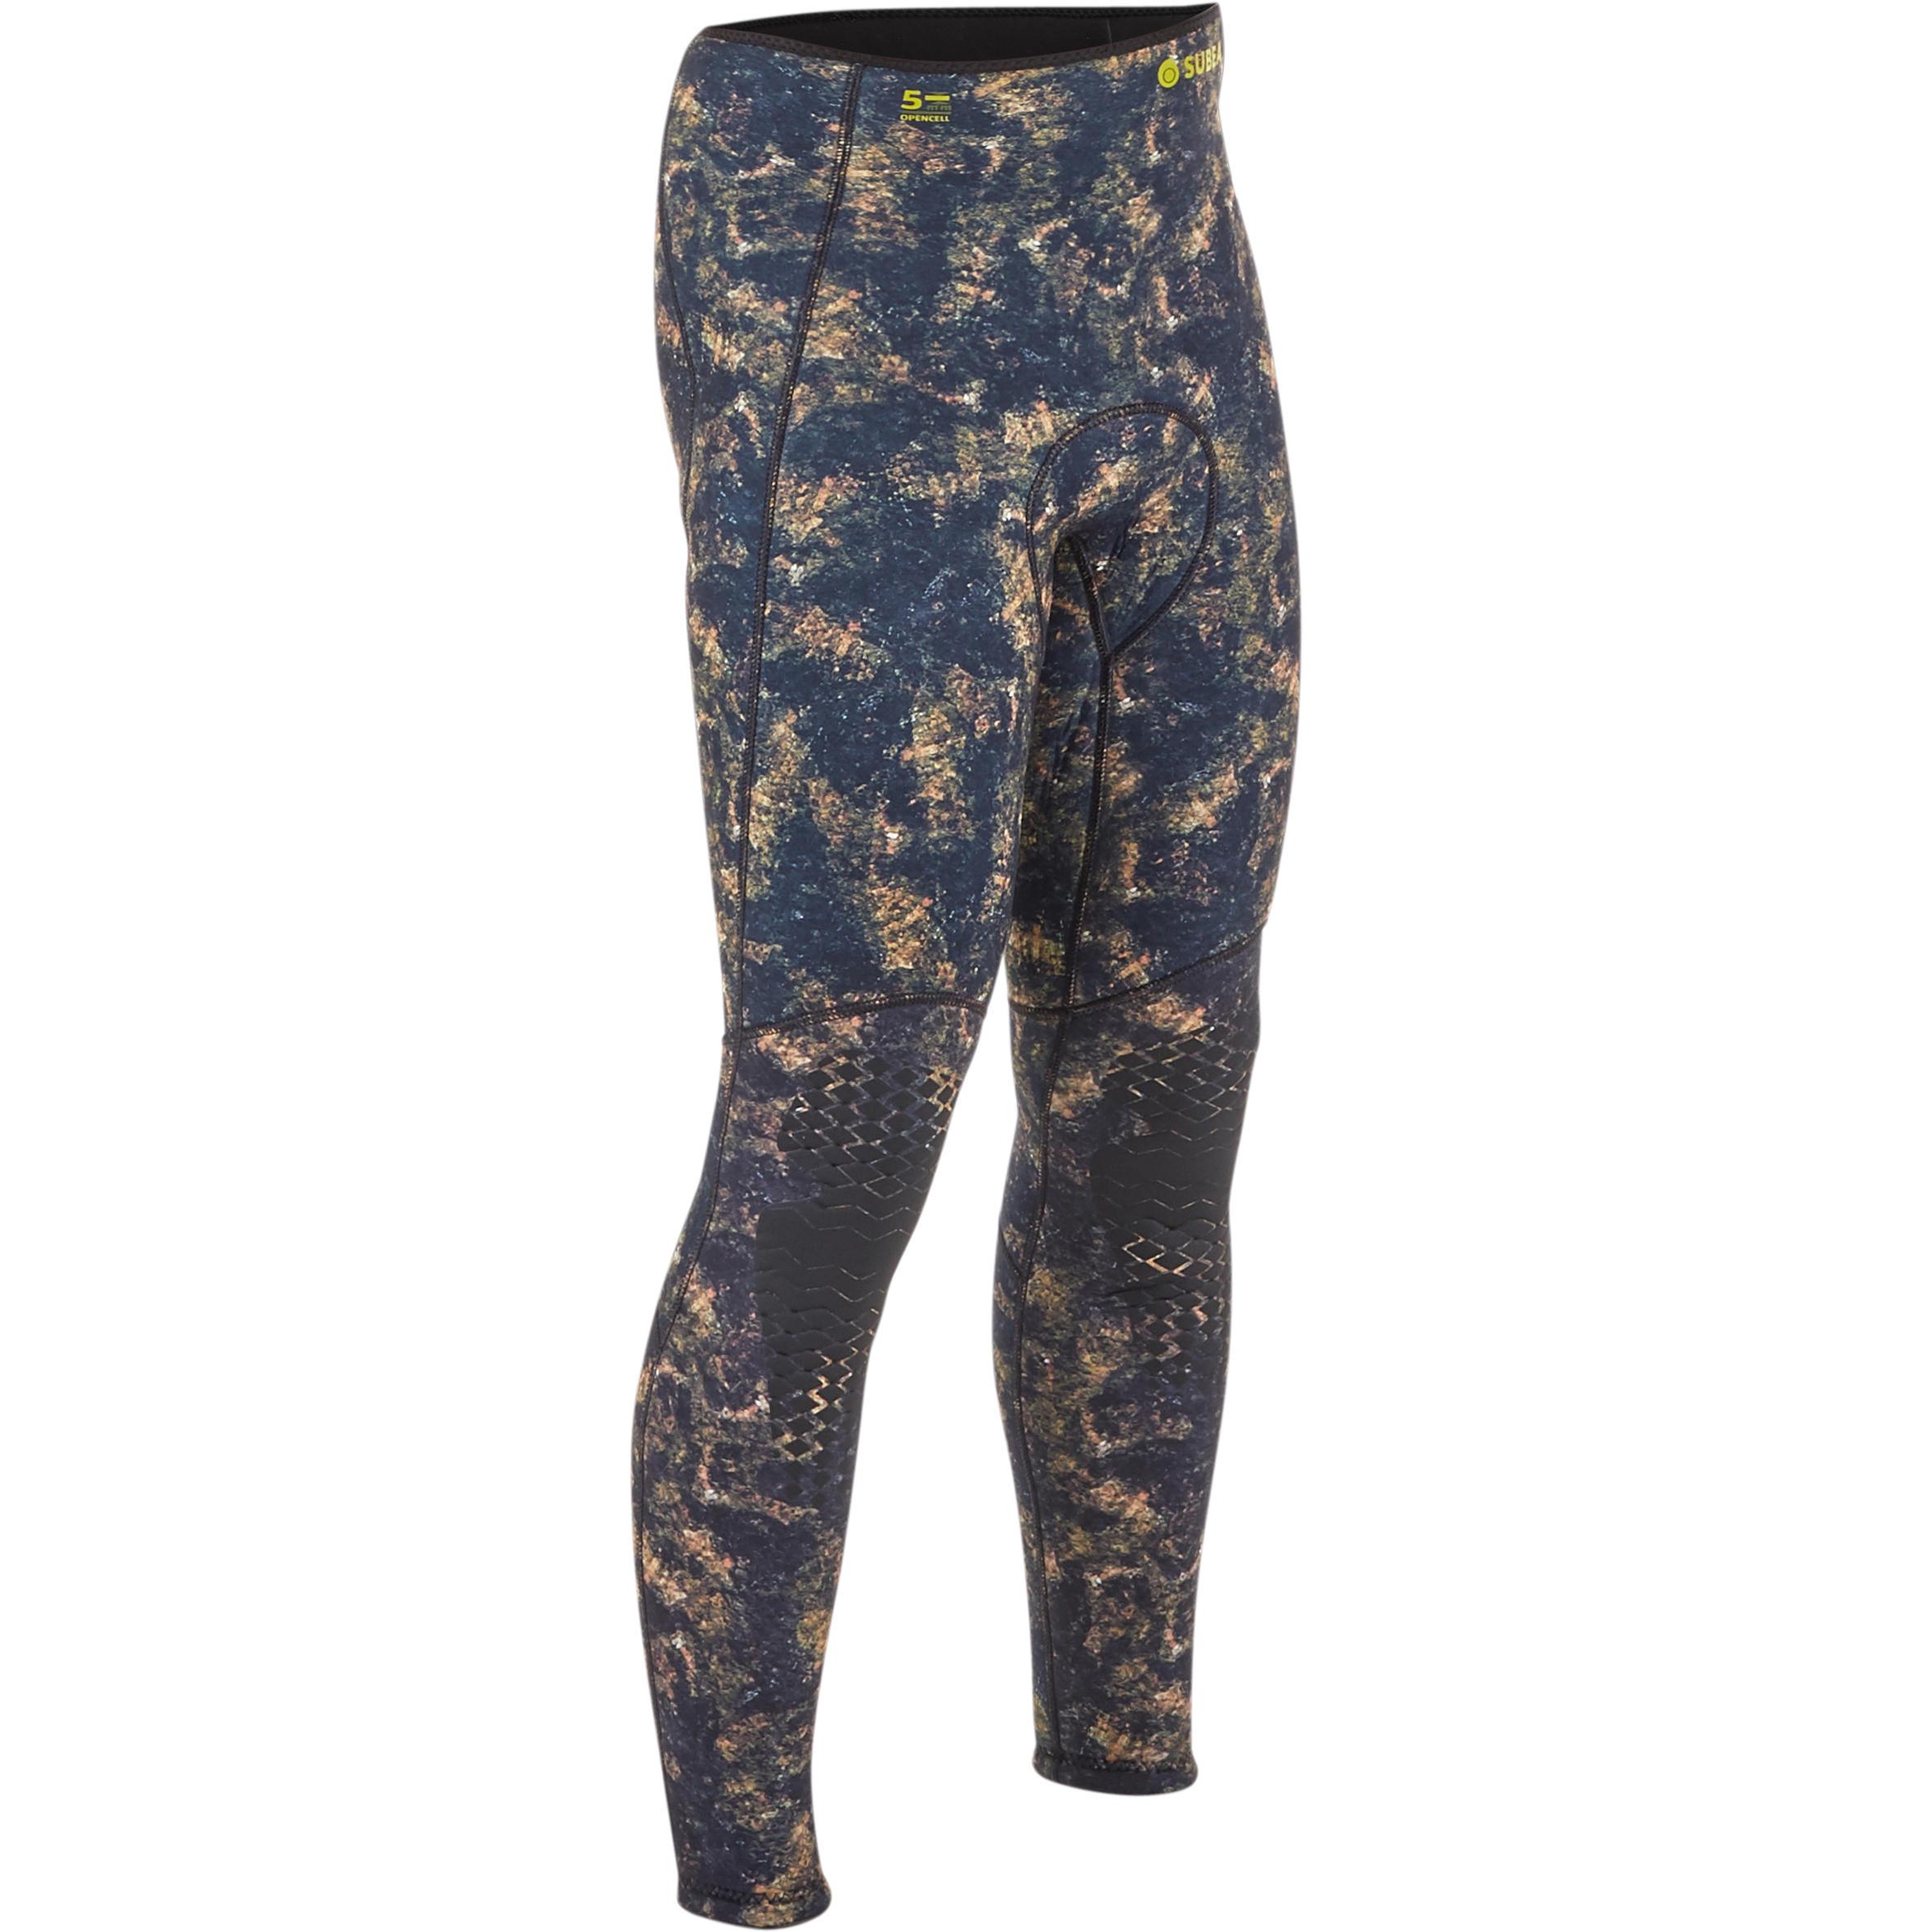 Pantalon Vânătoare SPF 500 imagine